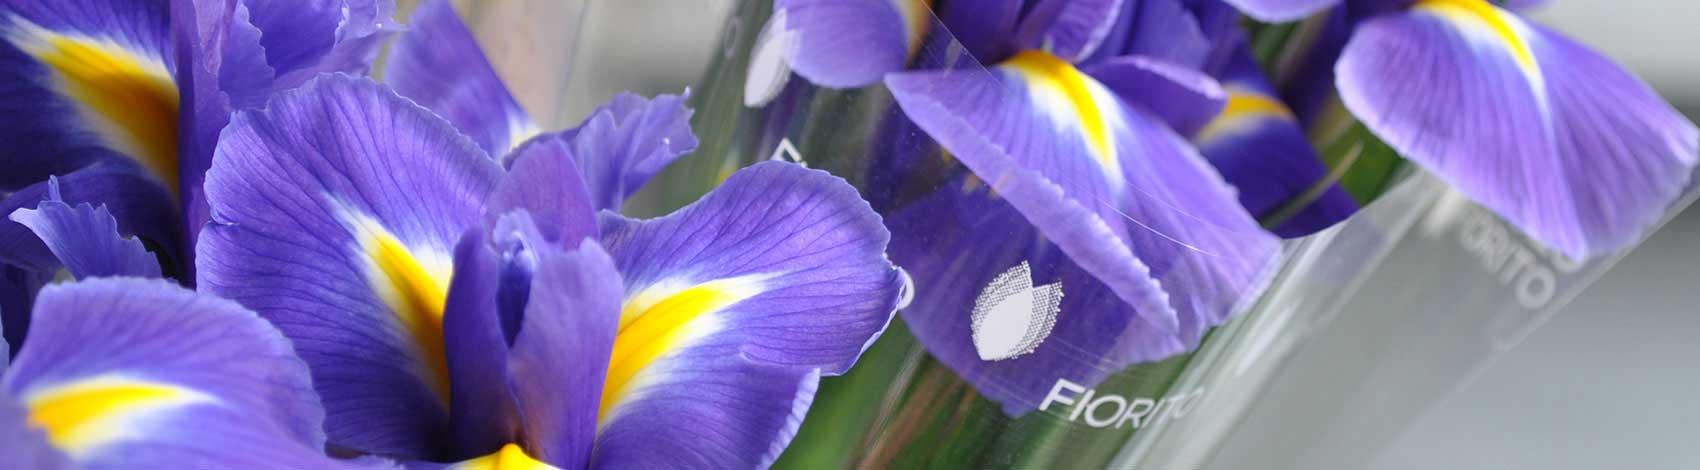 Franchising Fiori E Piante : Negozi di fiori e piante fiorito